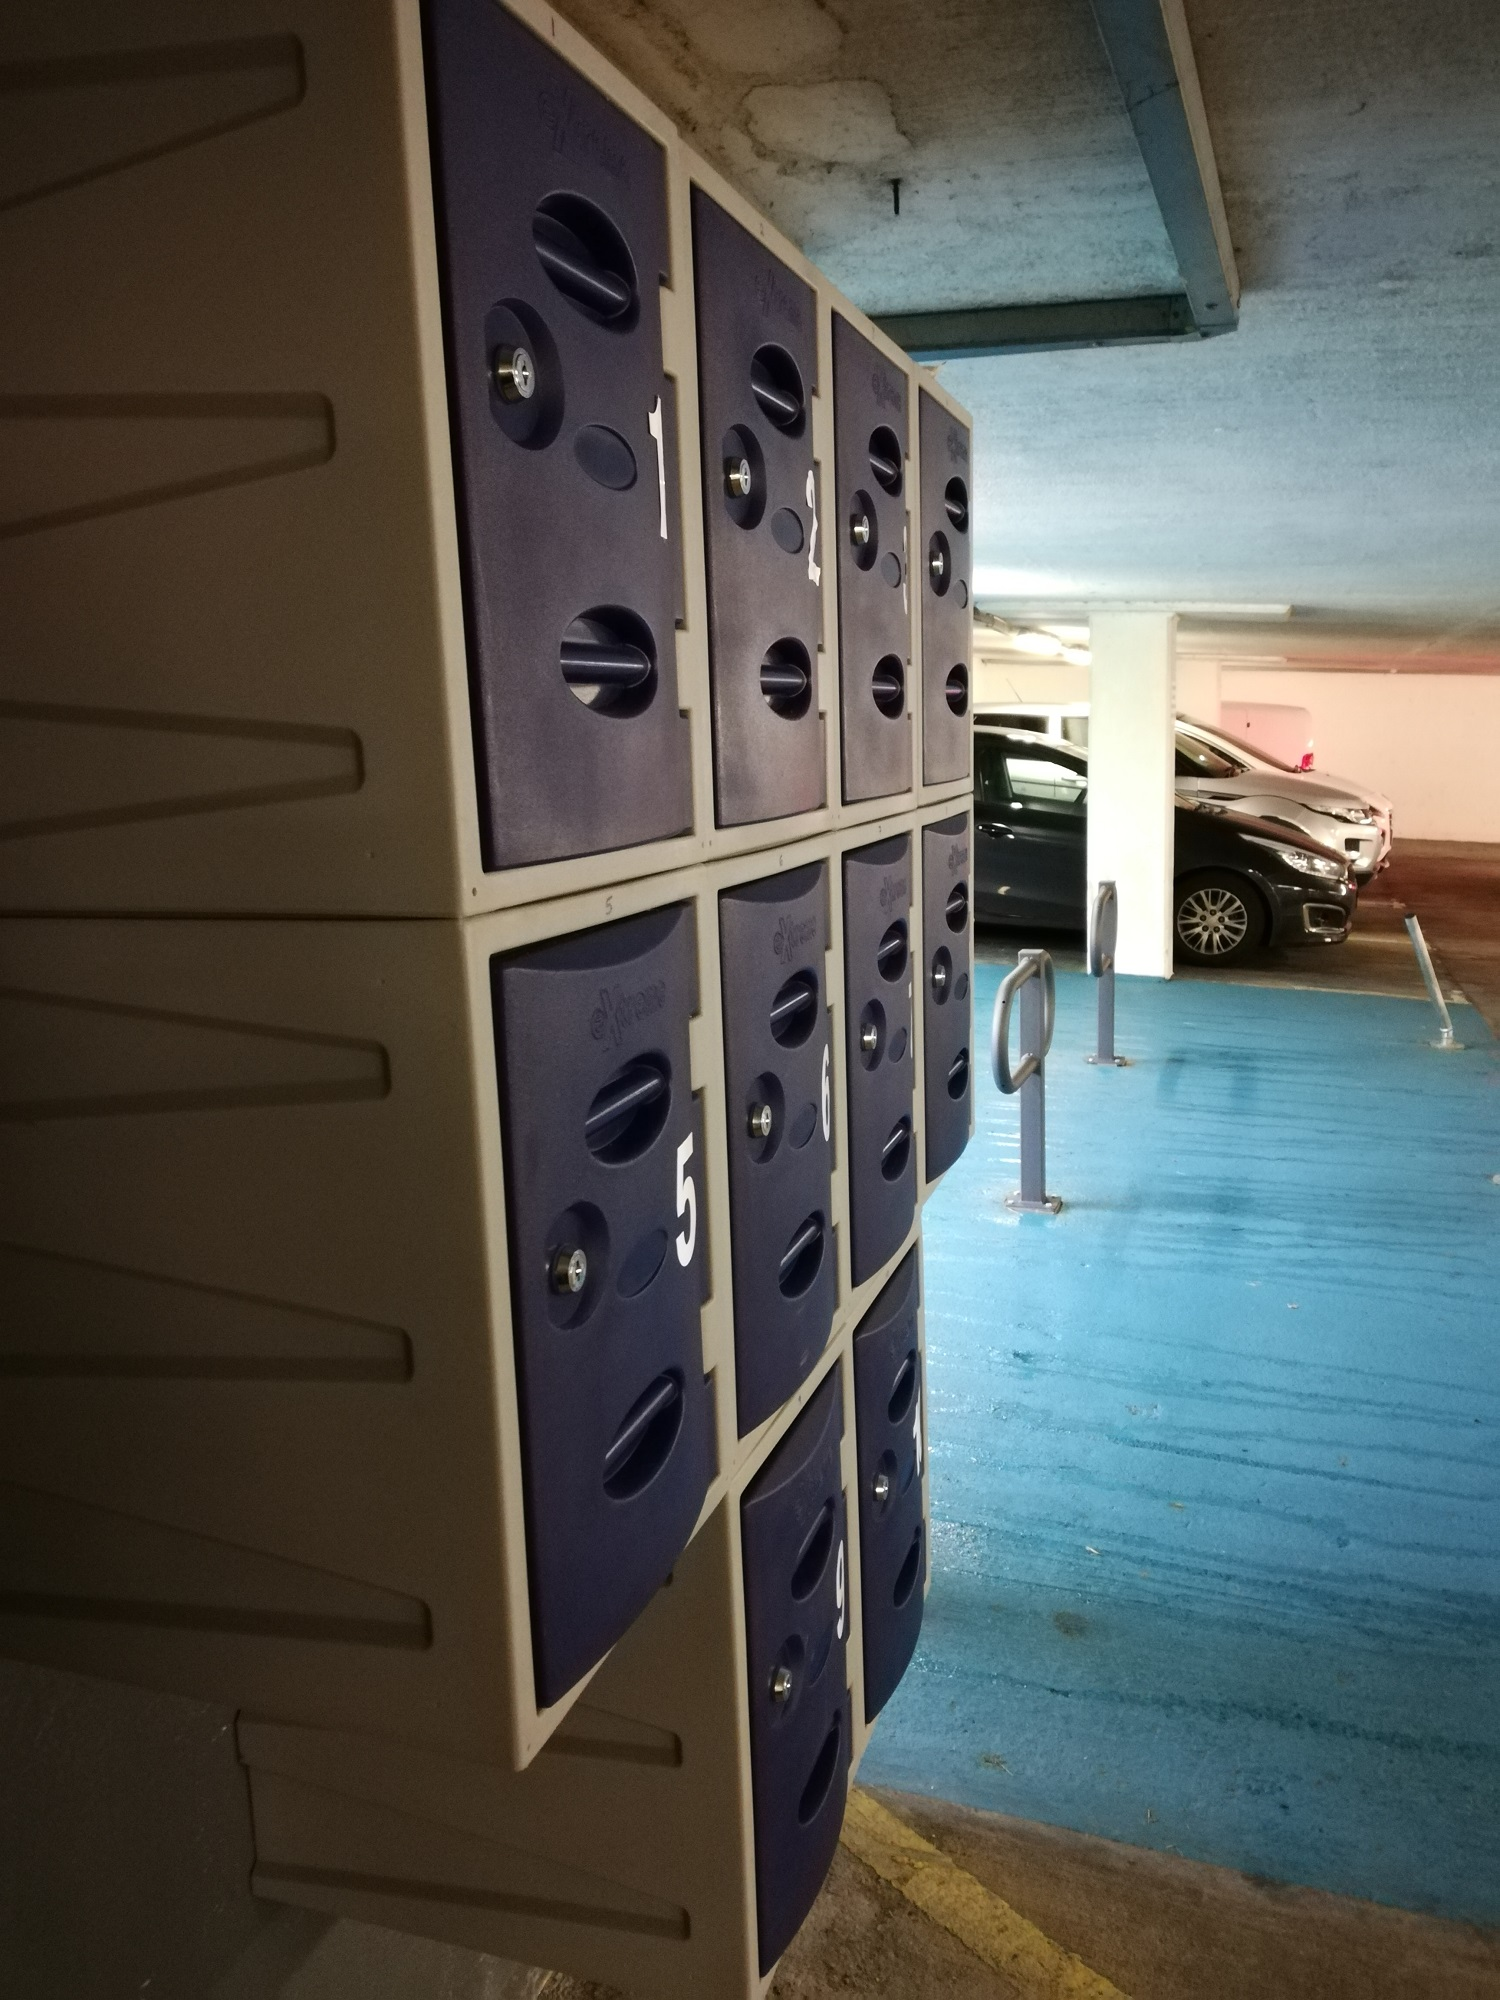 Lockers at the cycle hub